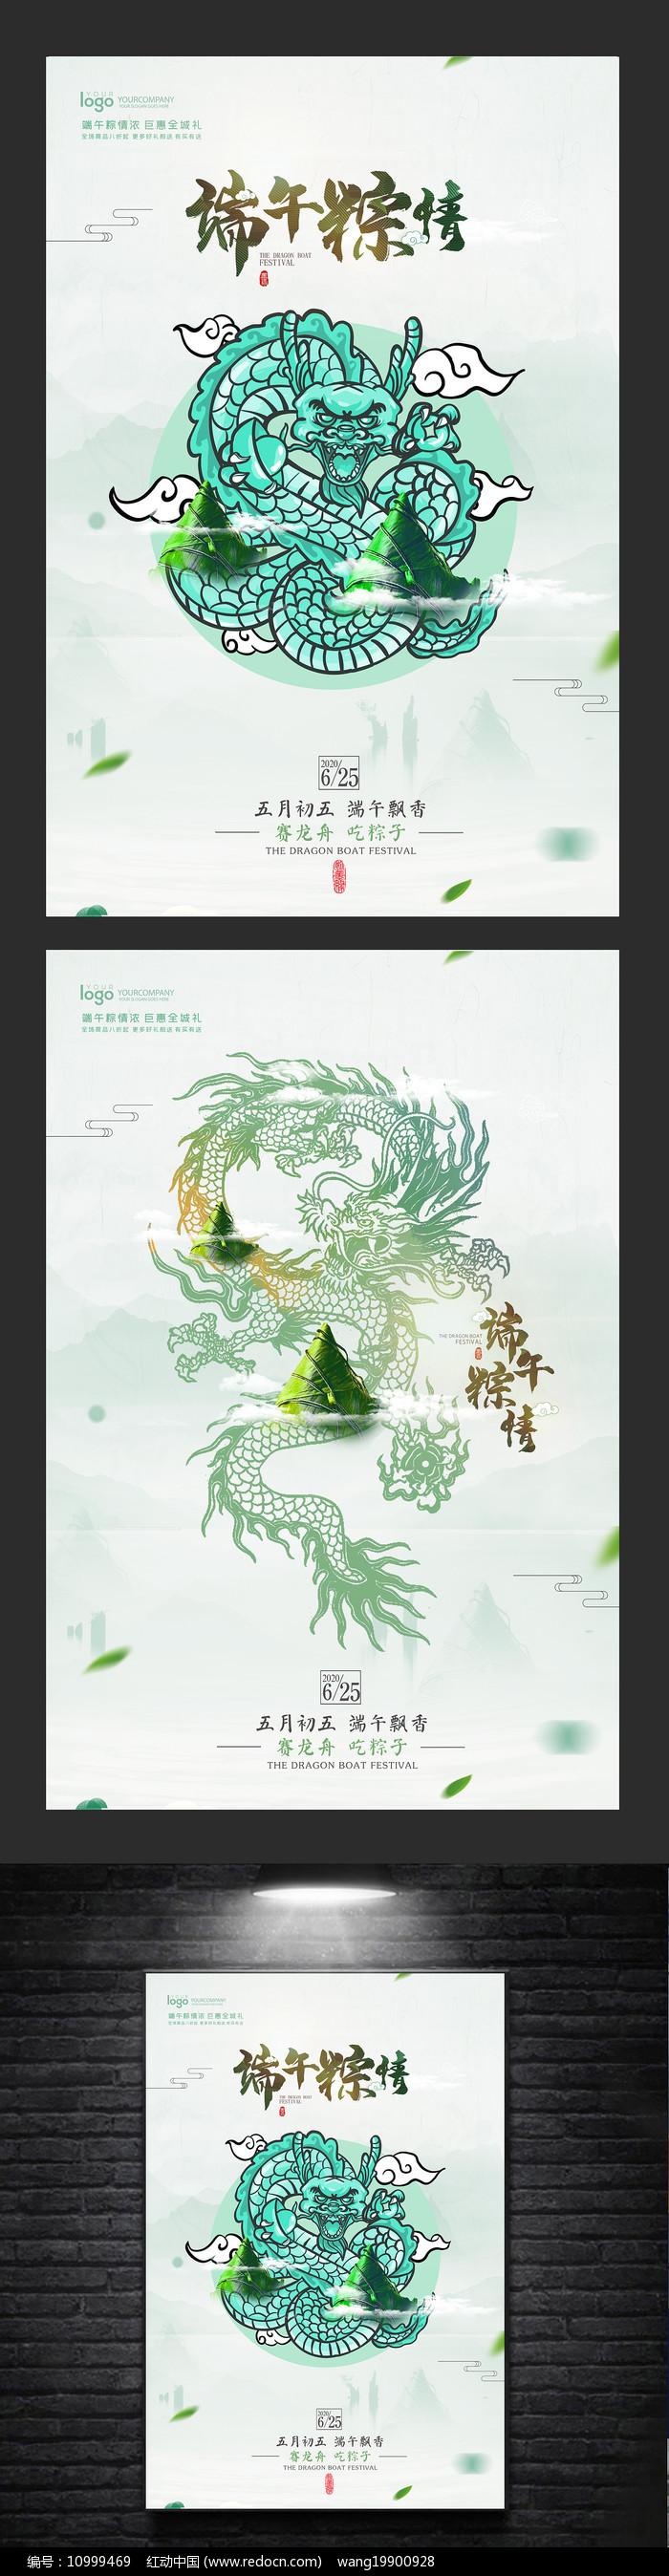 创意简约端午节海报设计图片